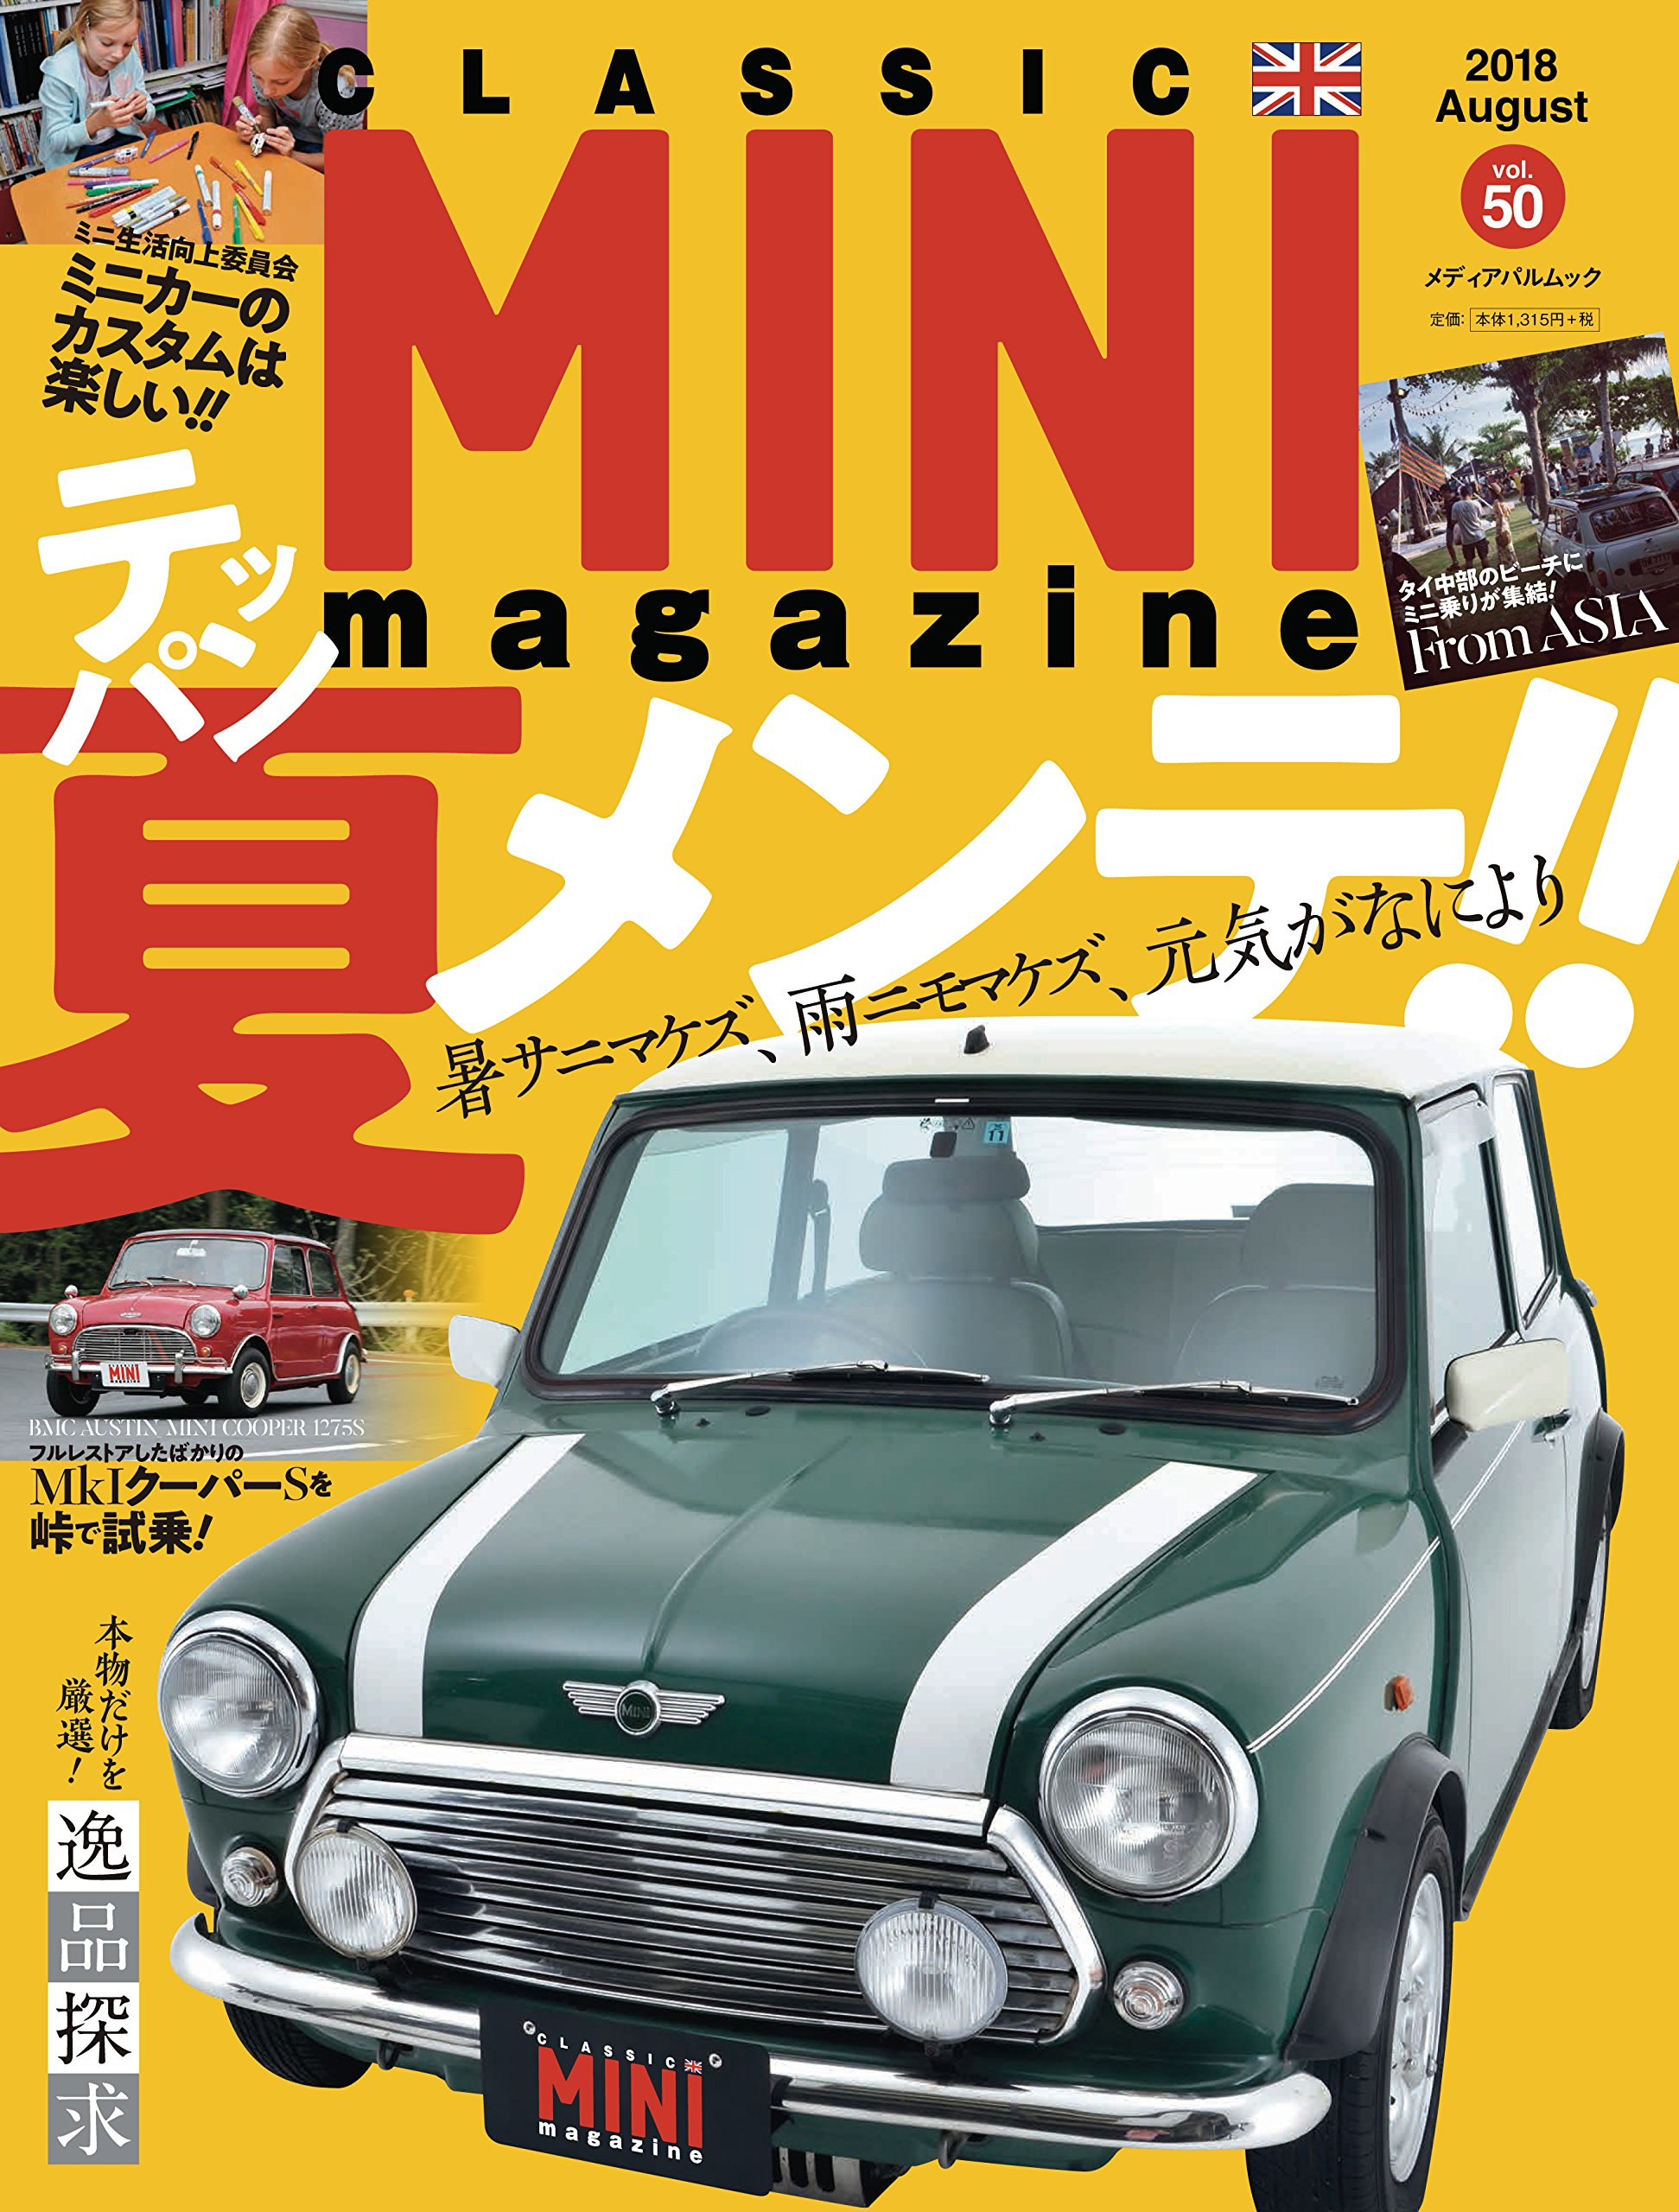 「クラシックミニマガジン Vol.50」(メディア・パル)